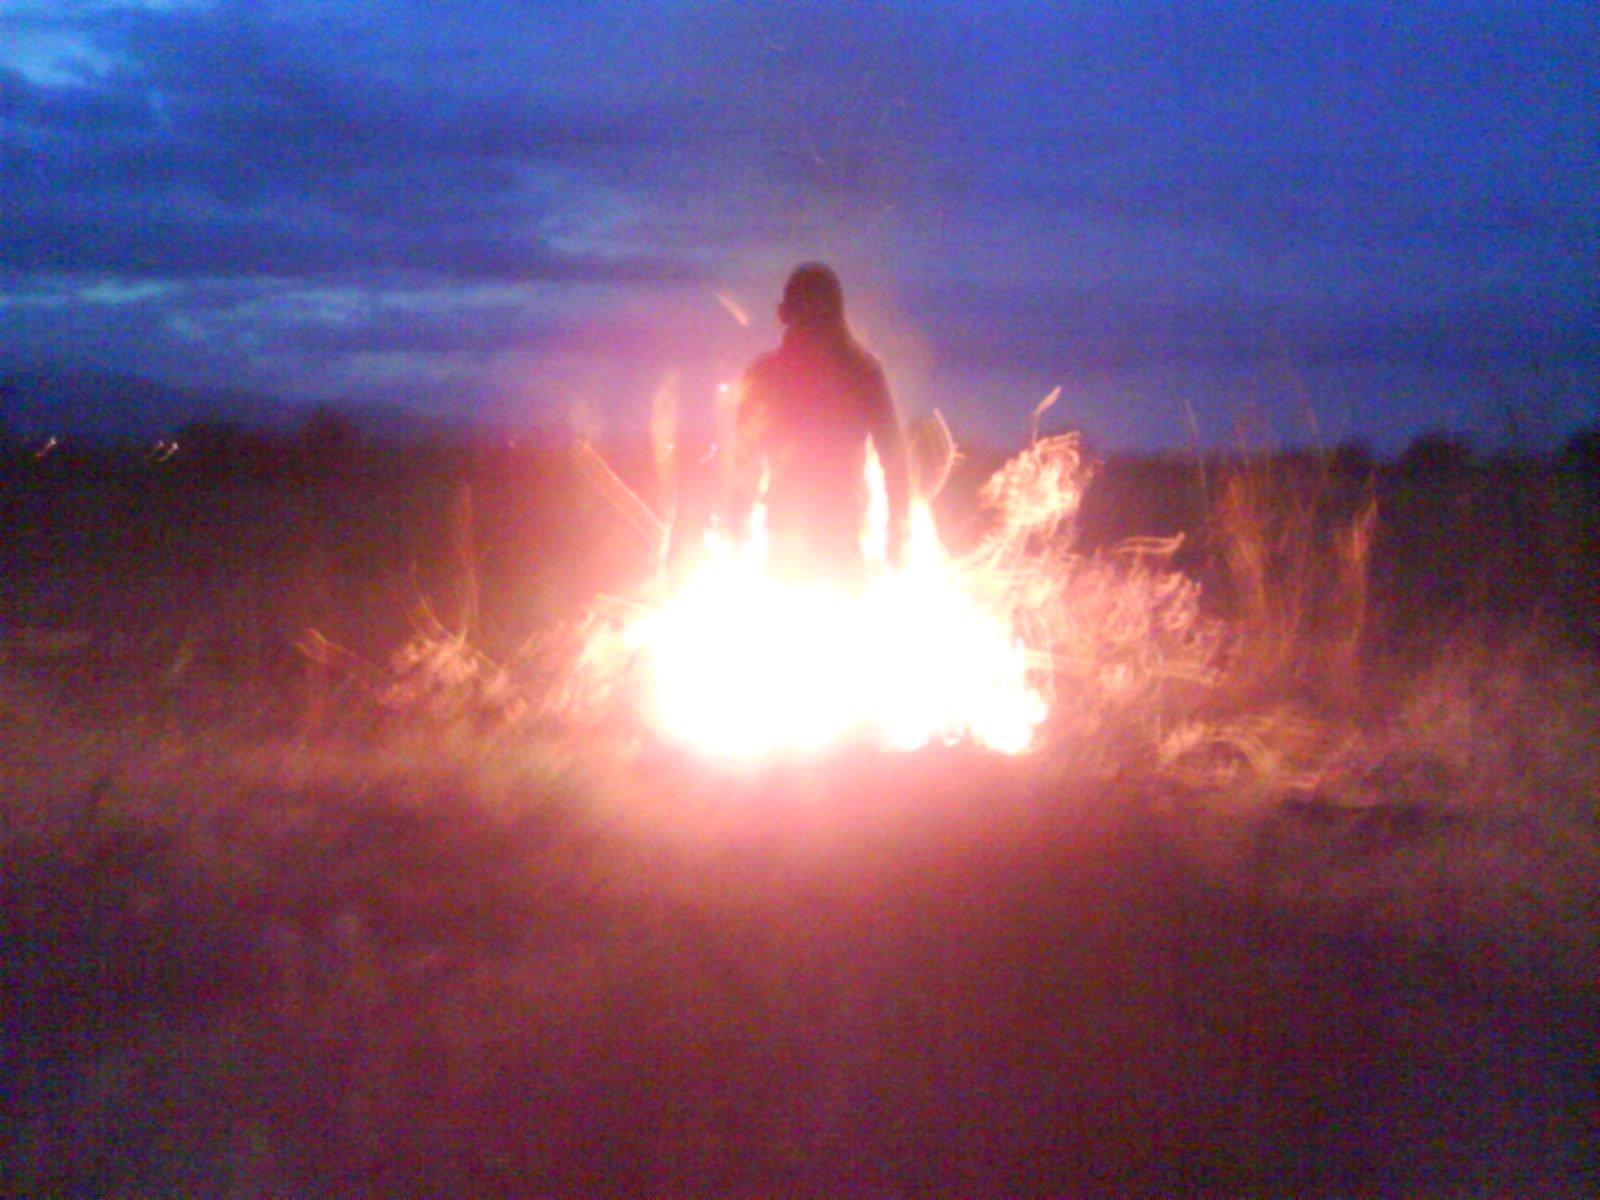 Chica caliente de san diego de la union guanajuato - 3 part 2